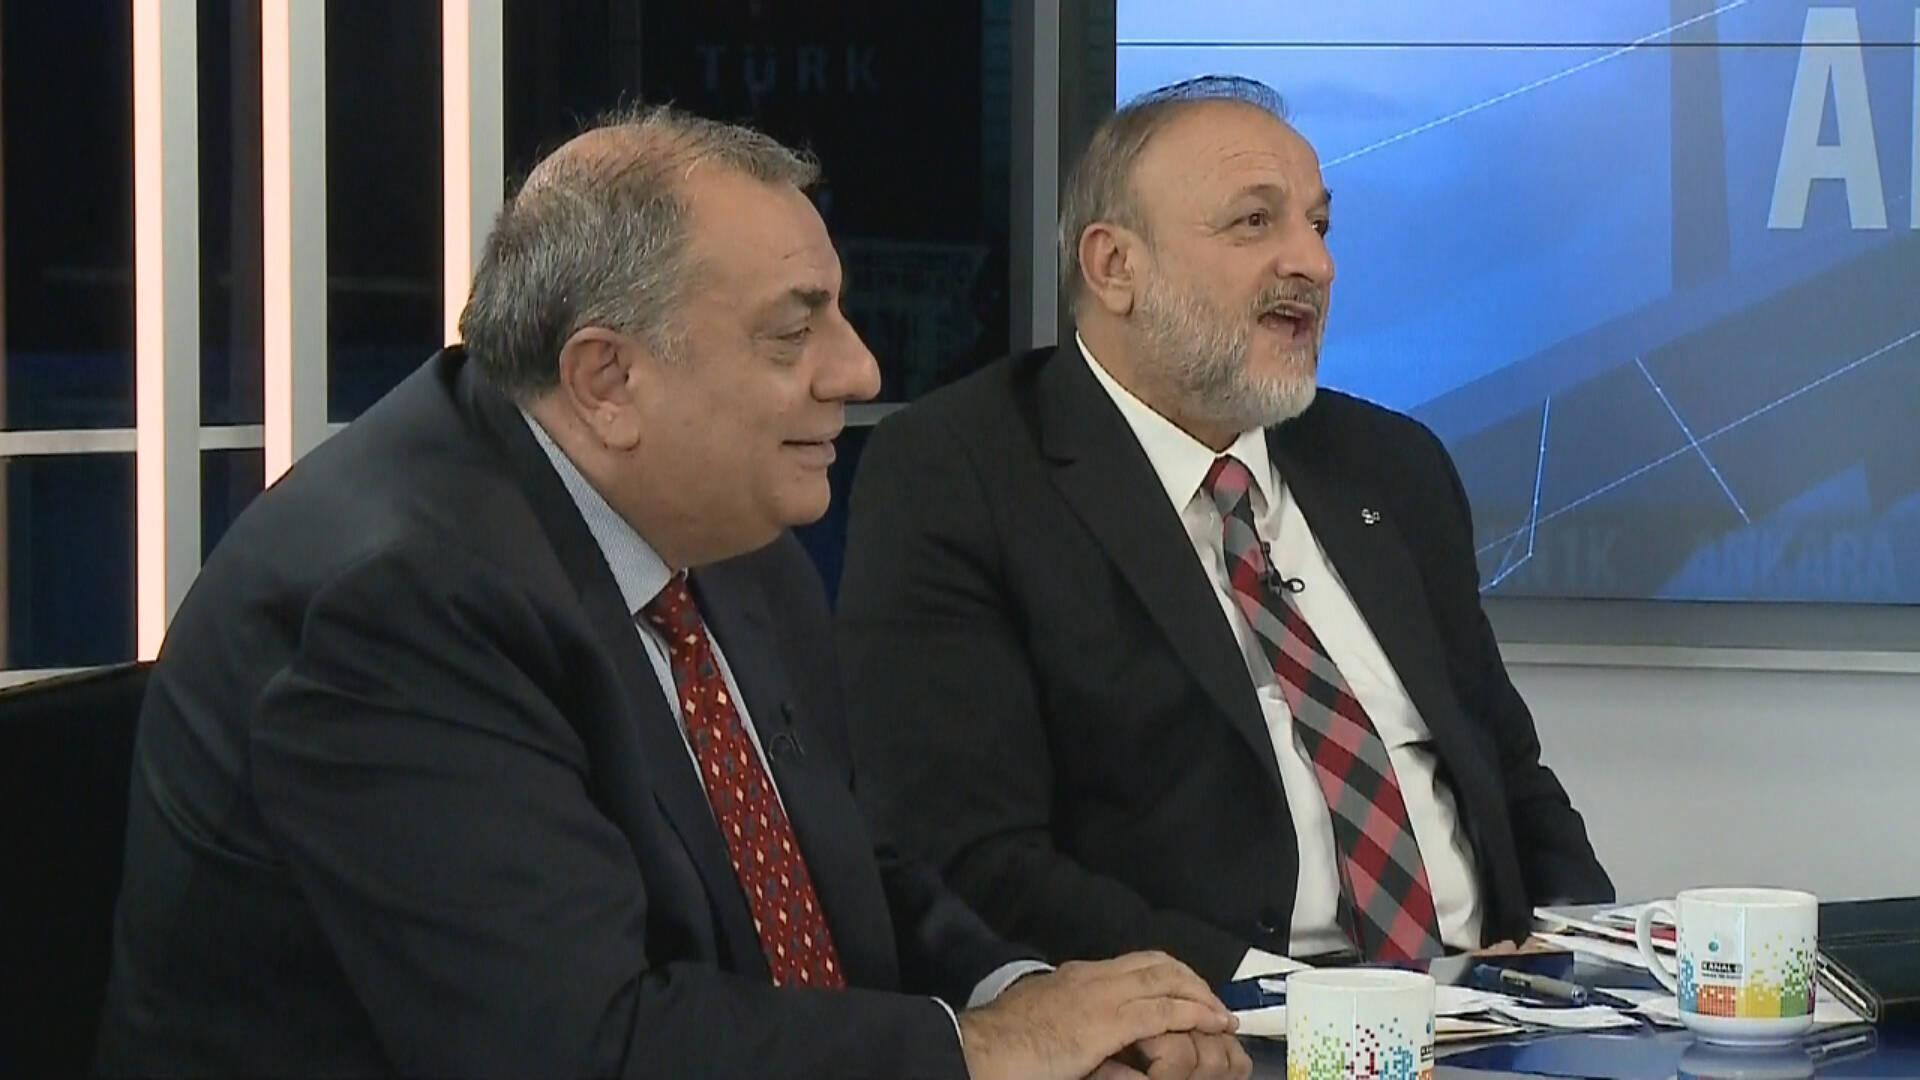 MHP iktidara gelirse paralel yapılanma ile mücadele edecek mi?